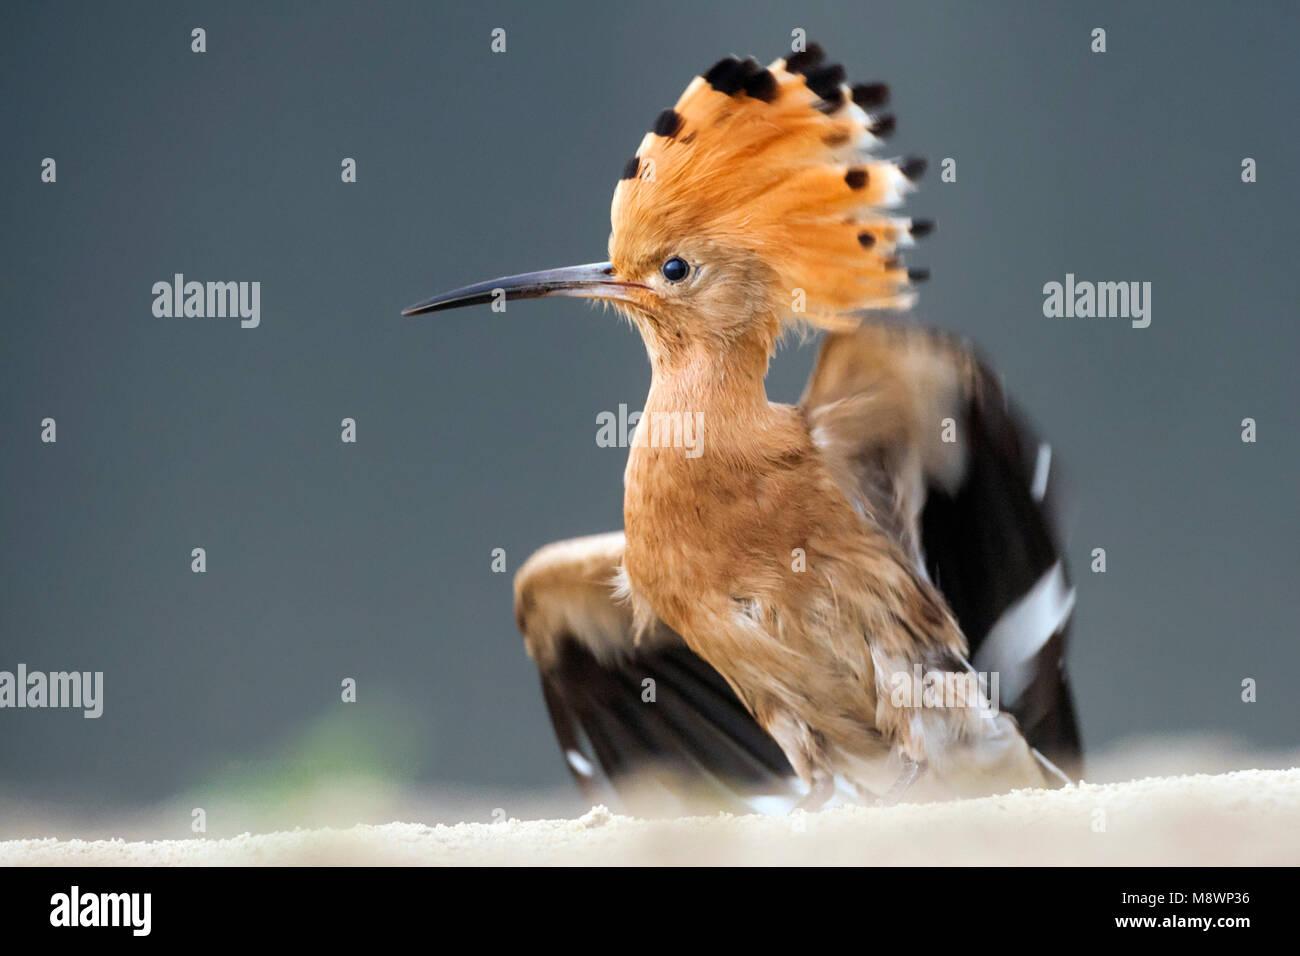 Hop met opgezette kuif schuddend met vleugels; Eurasian Hoopoe ruffling feathers with erected crest Stock Photo